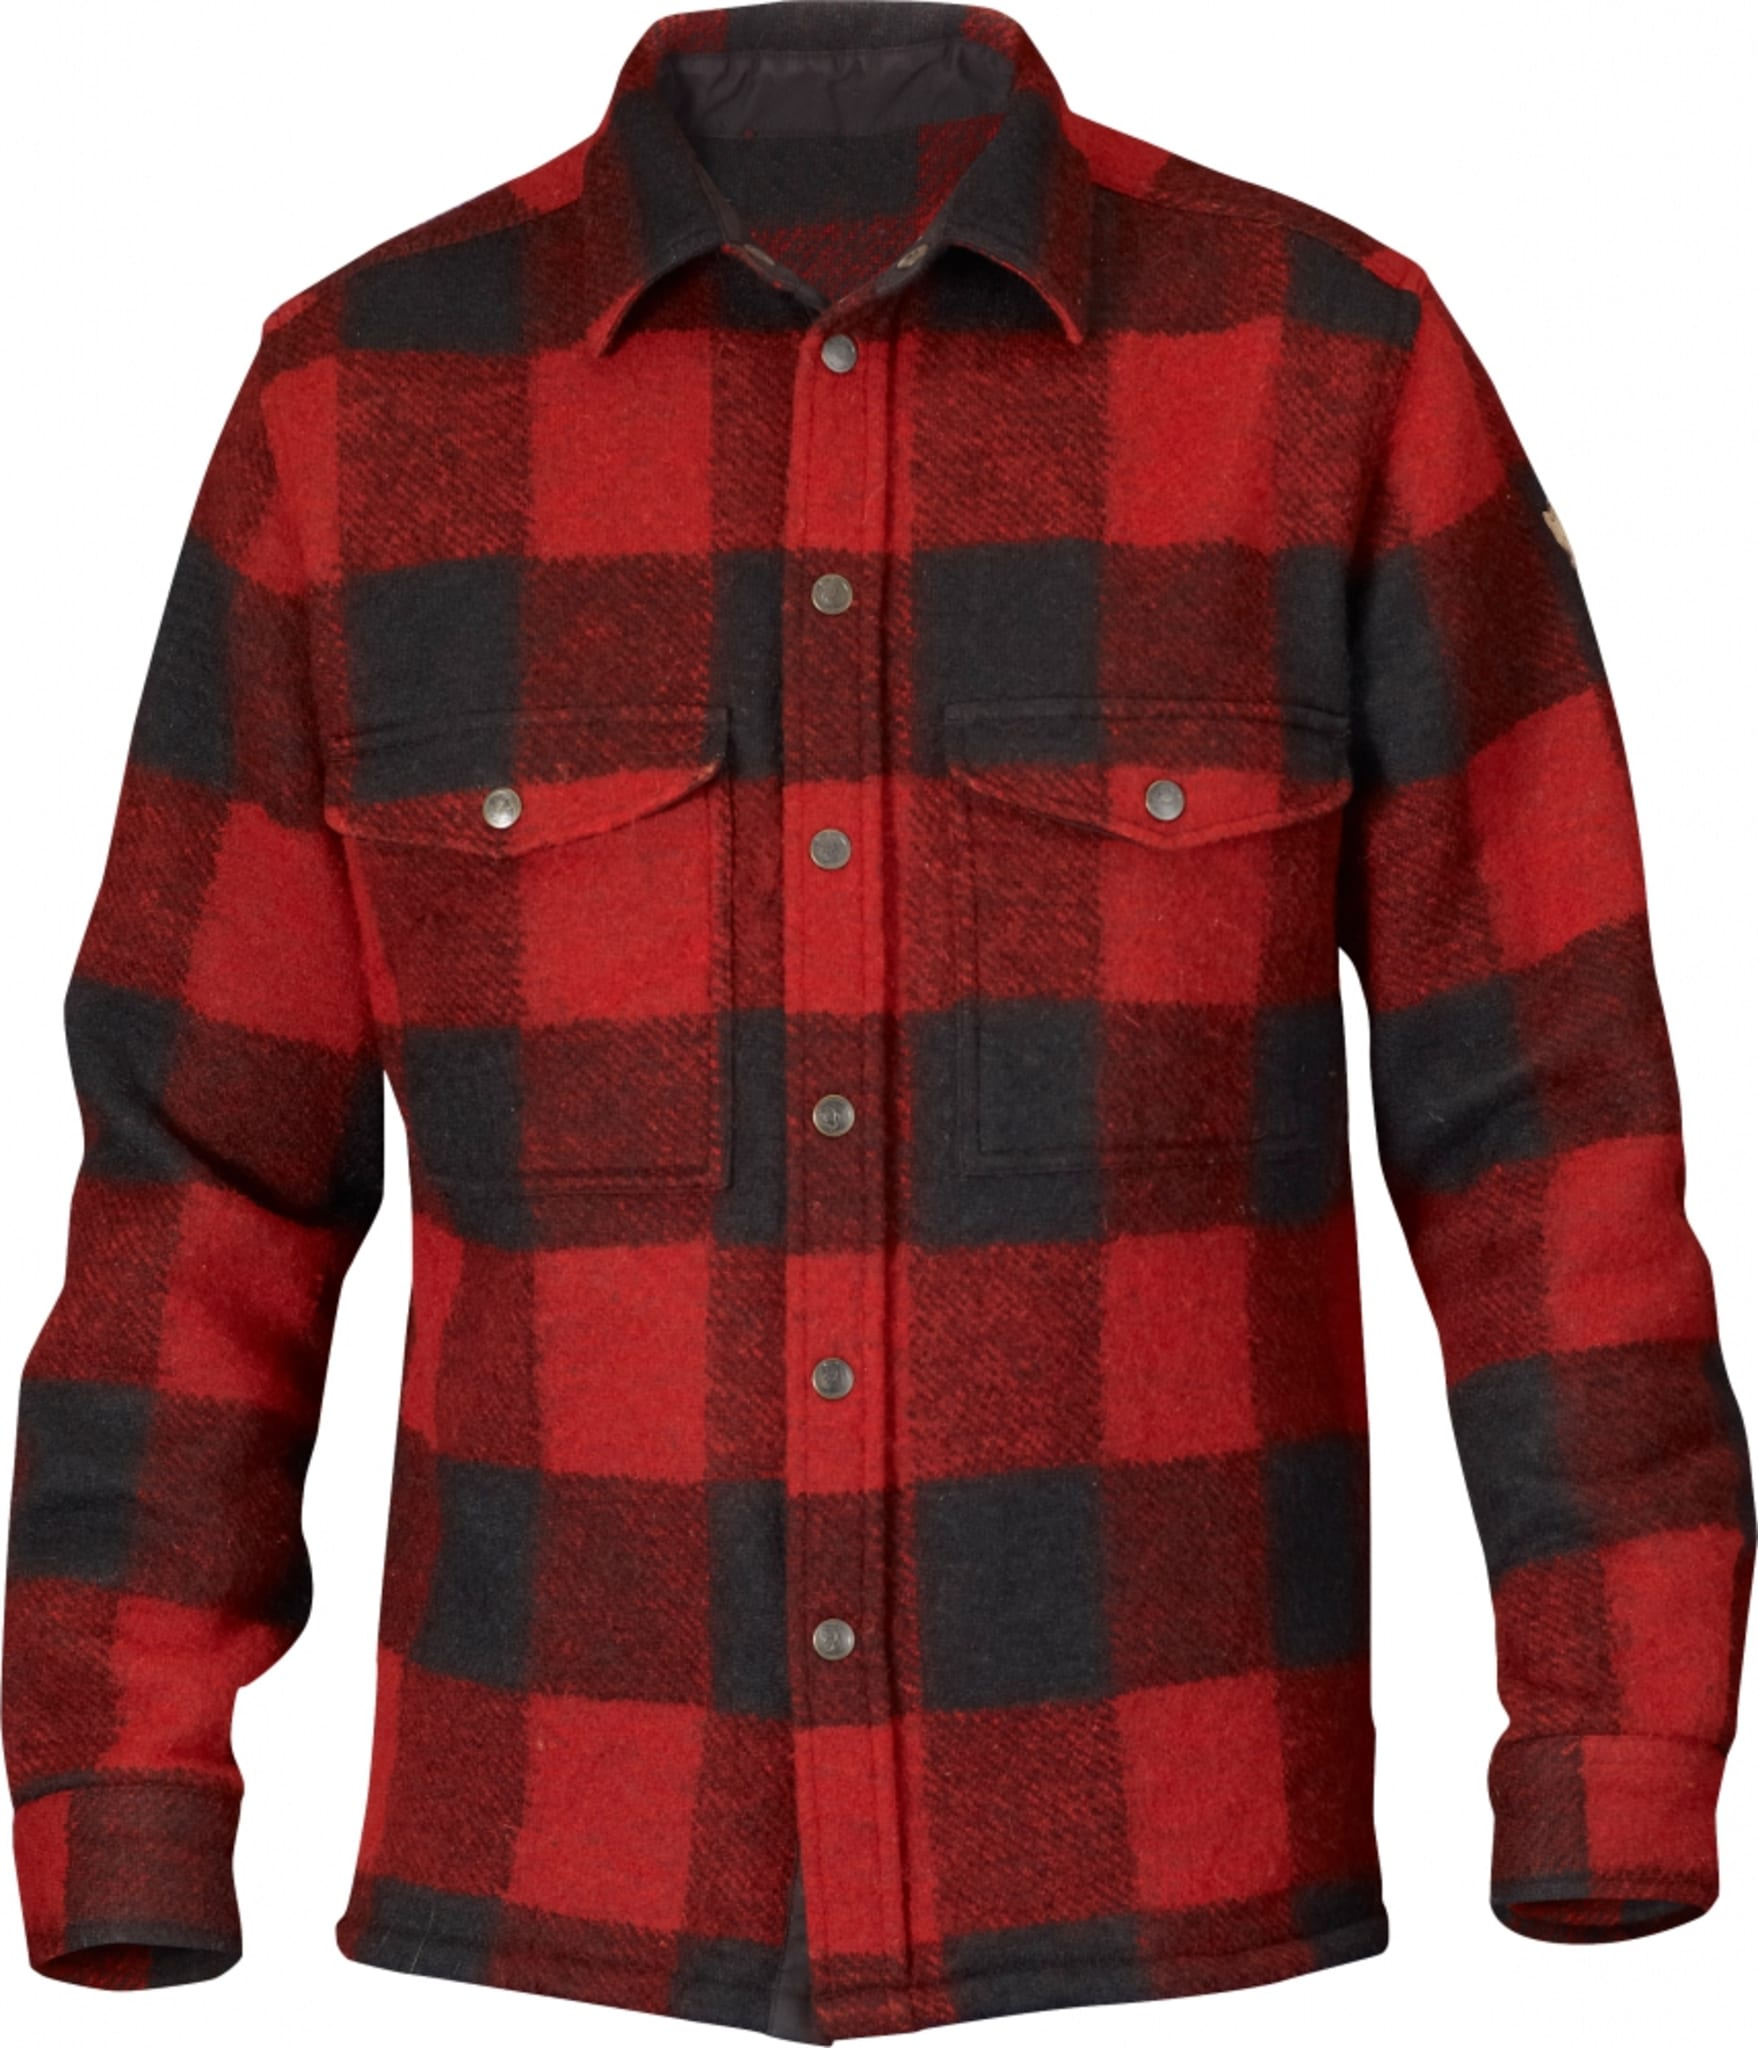 Tykk og behagelig skjorte i ullblanding med stort bruksområde